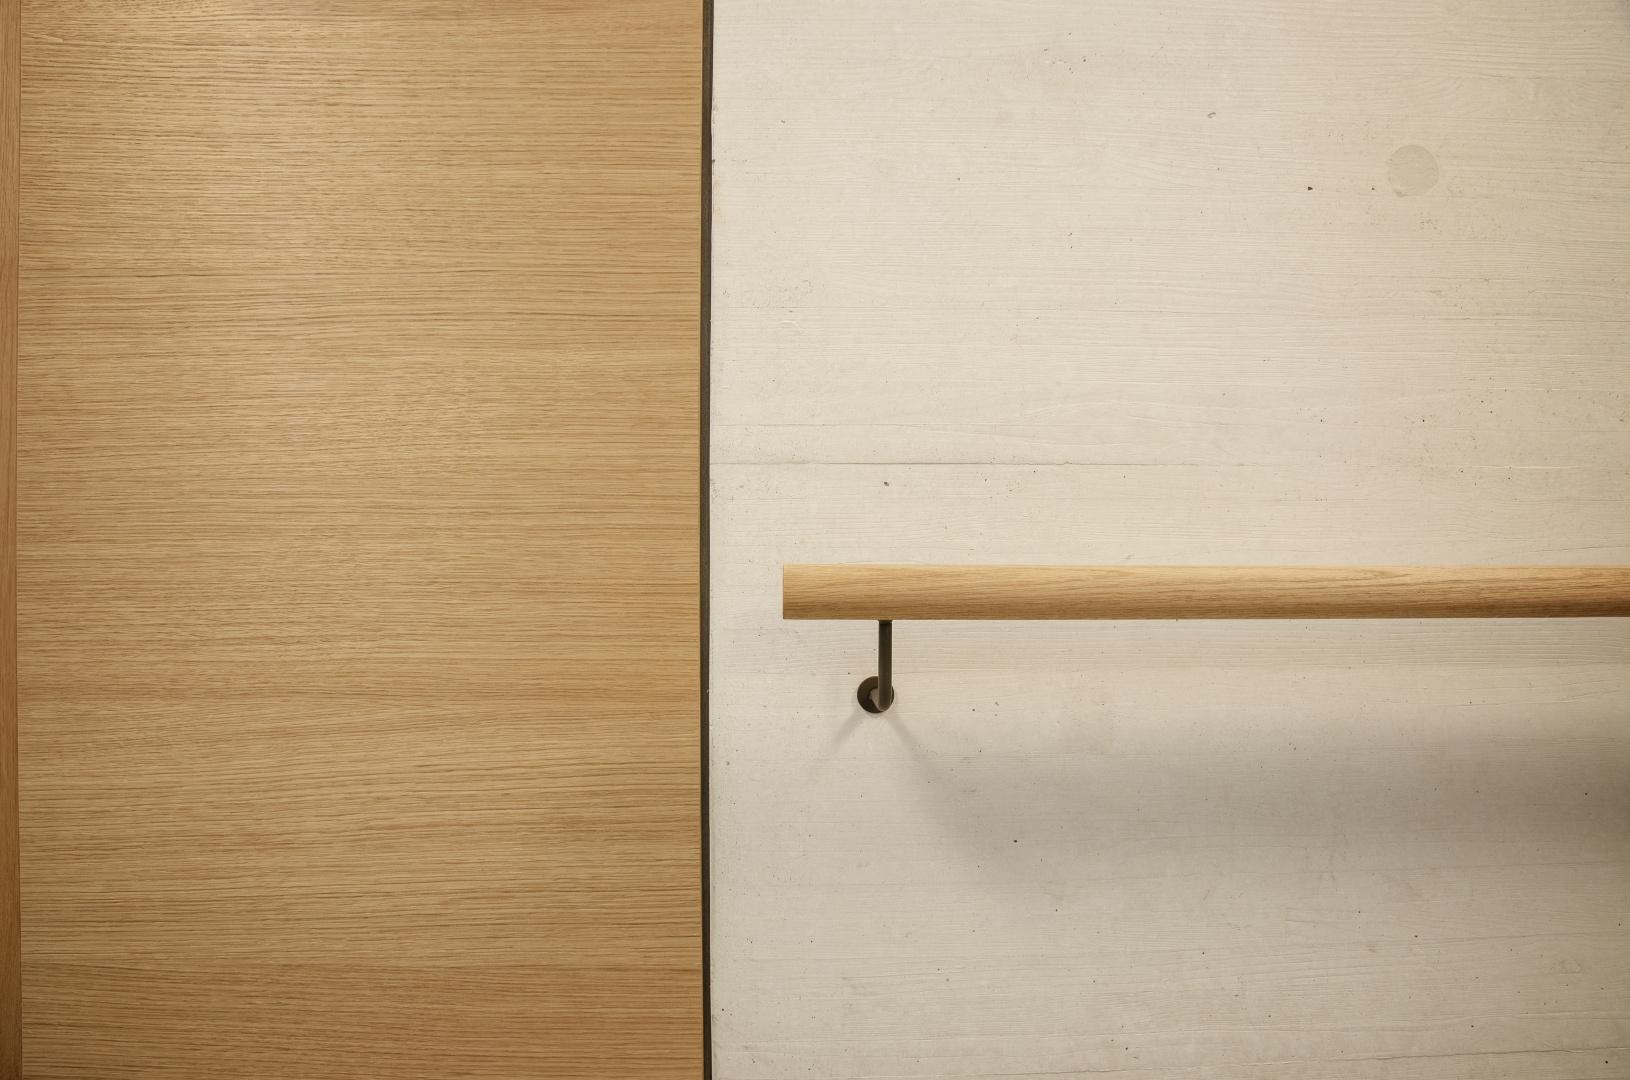 Treppenhaus - Eiche + Ammocret Beton © Fanzun AG, Salvatorenstrasse 66, 7000 Chur